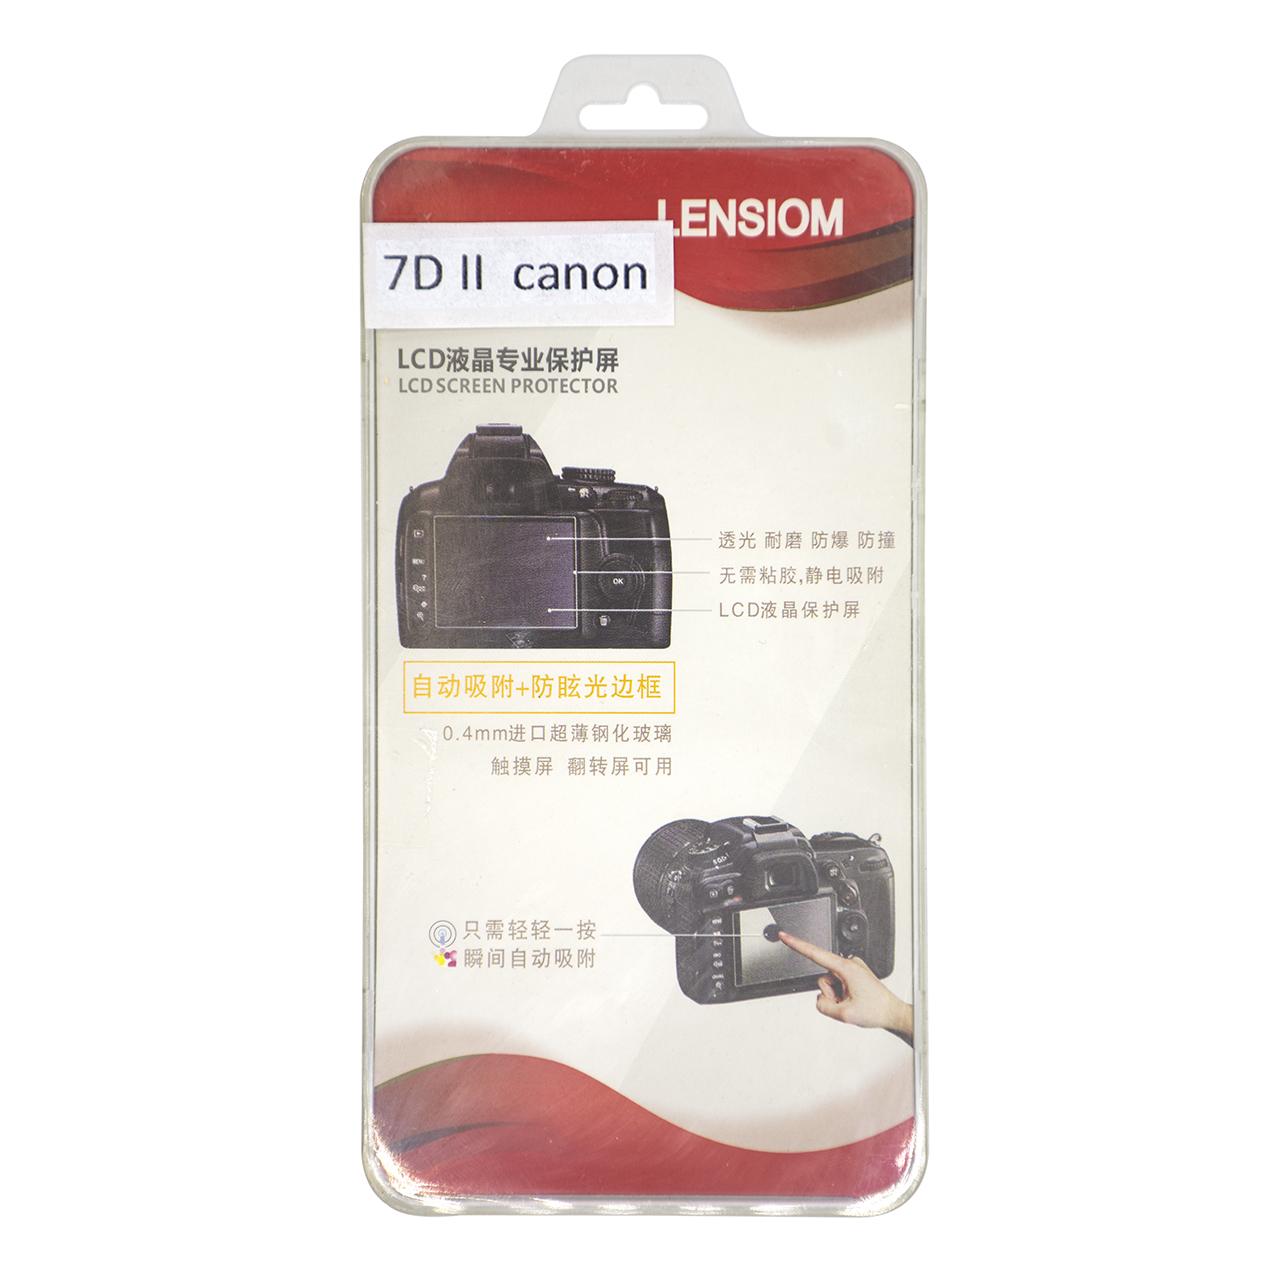 بررسی و {خرید با تخفیف} محافظ صفحه نمایش دوربین لنزیوم مدل L7D مناسب برای کانن 7D II اصل